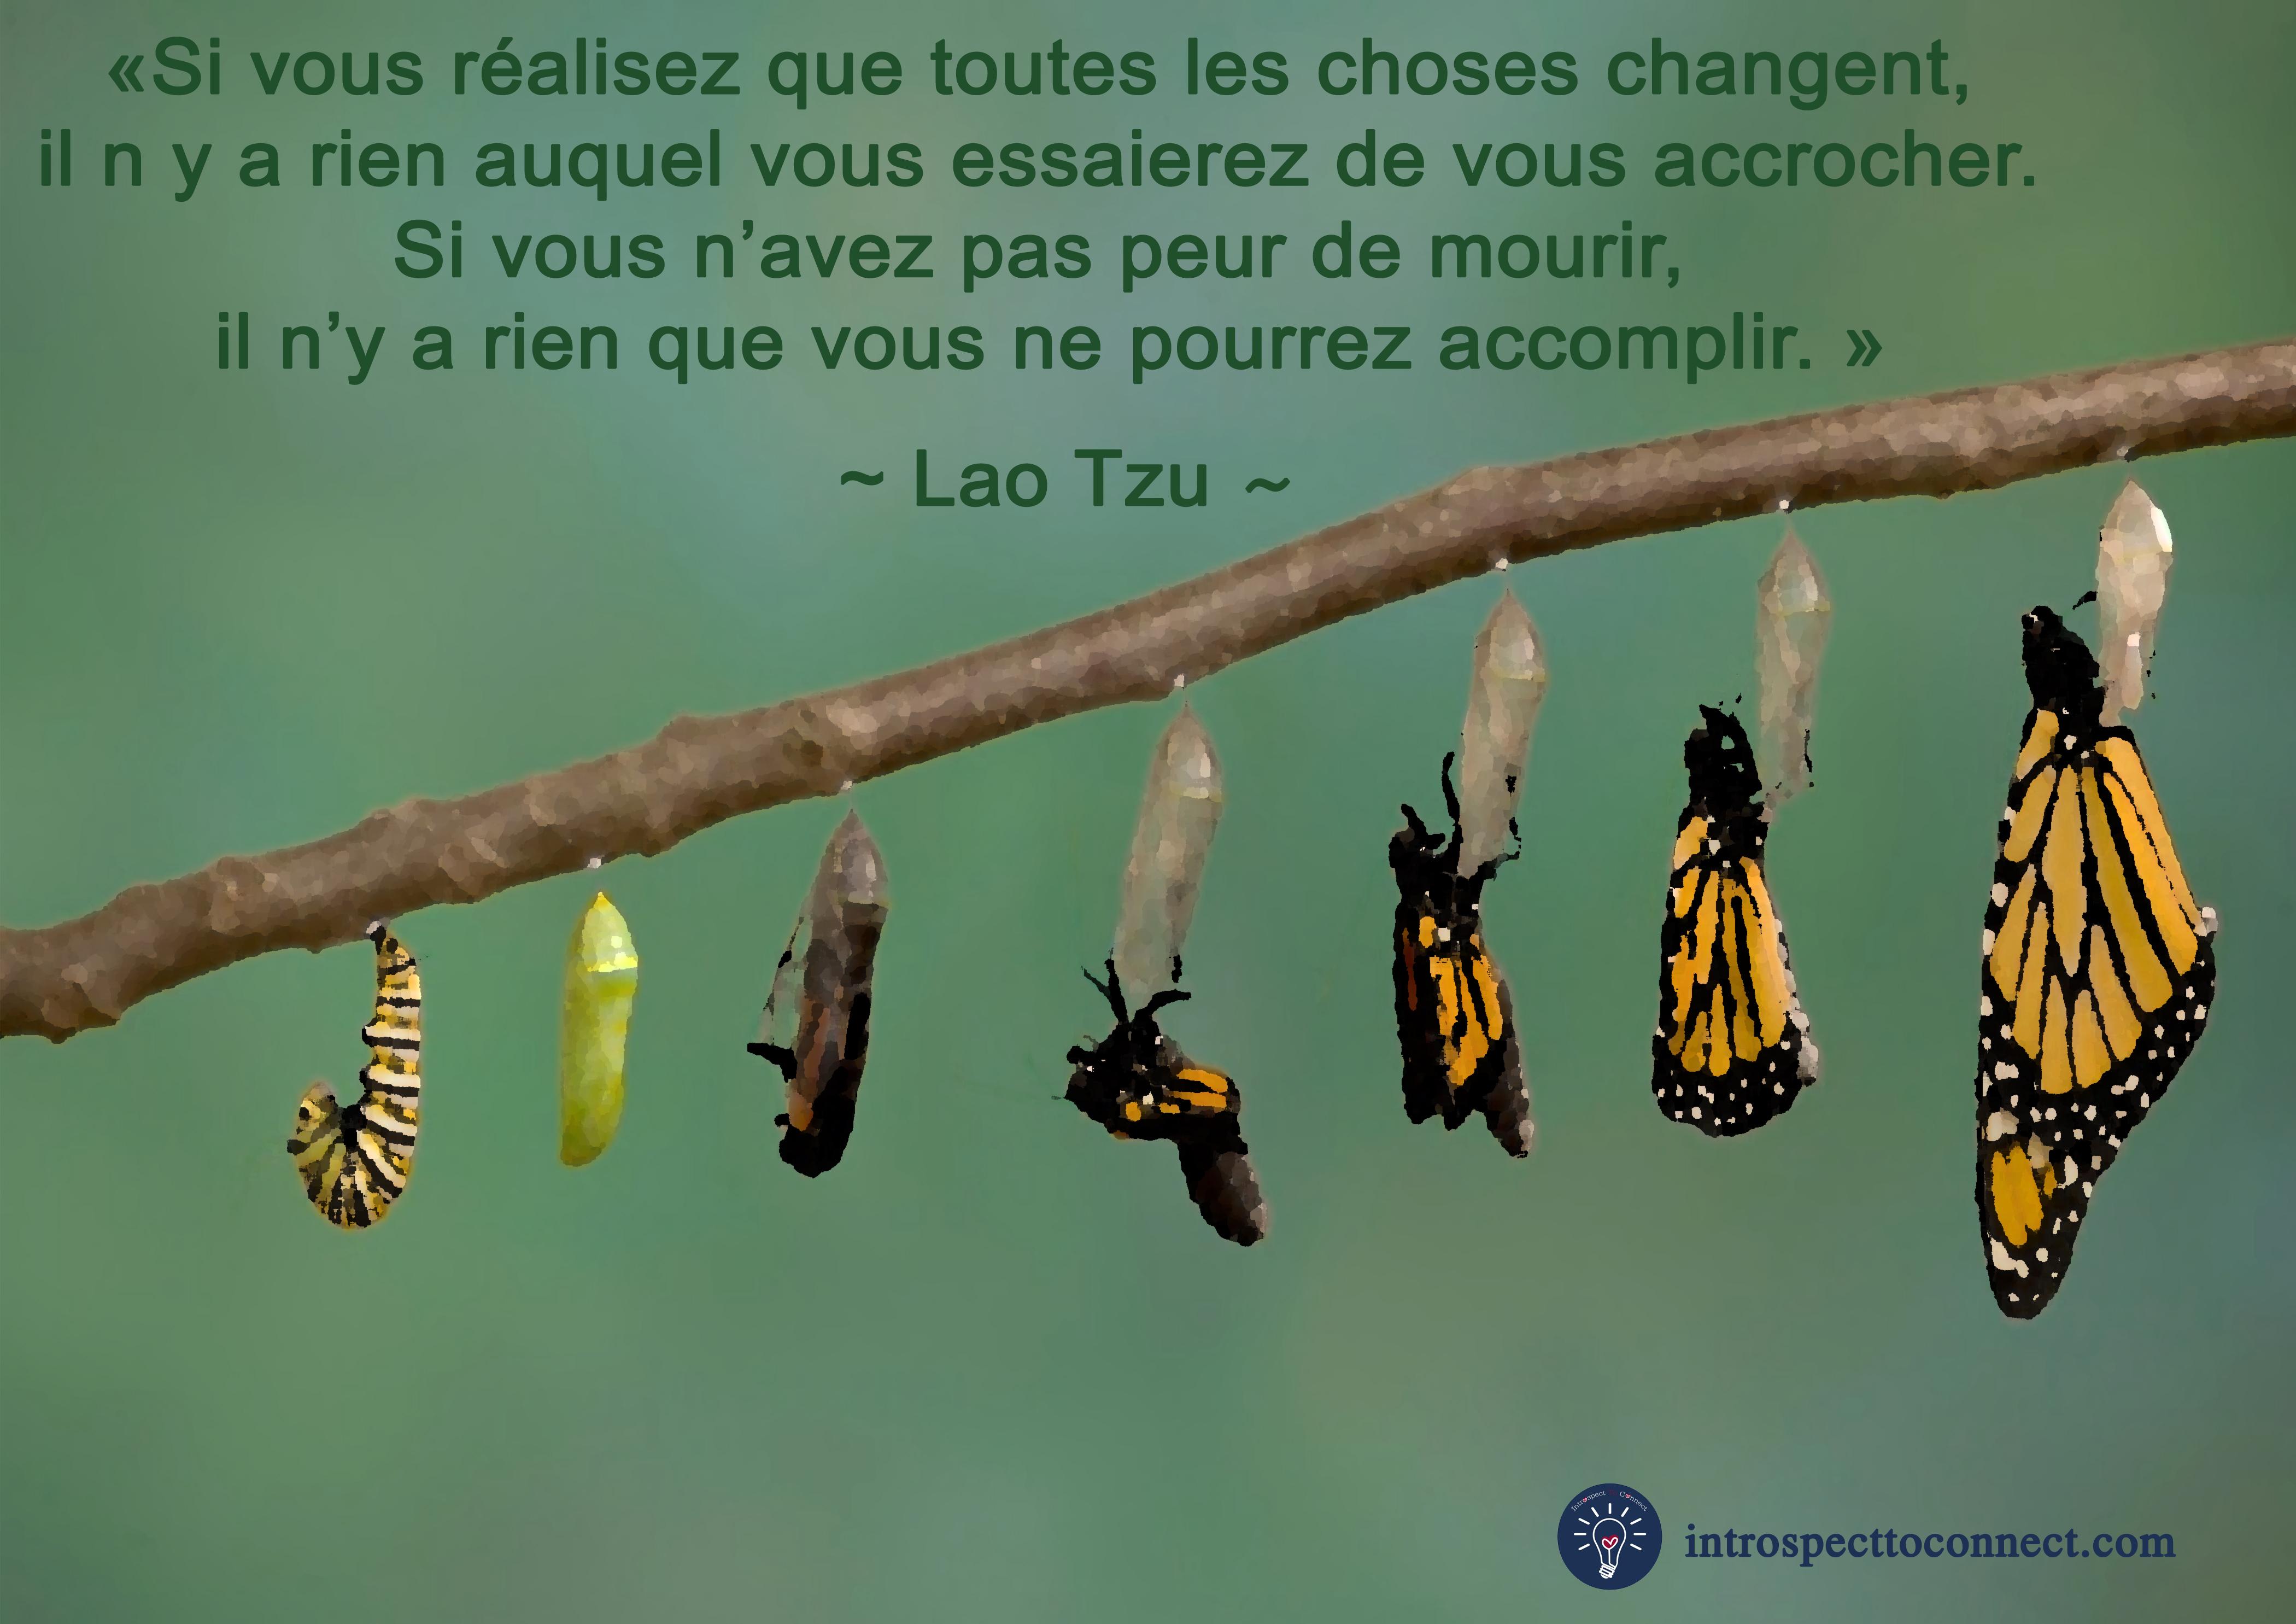 changement 8 LAO TZU4 copie.jpg